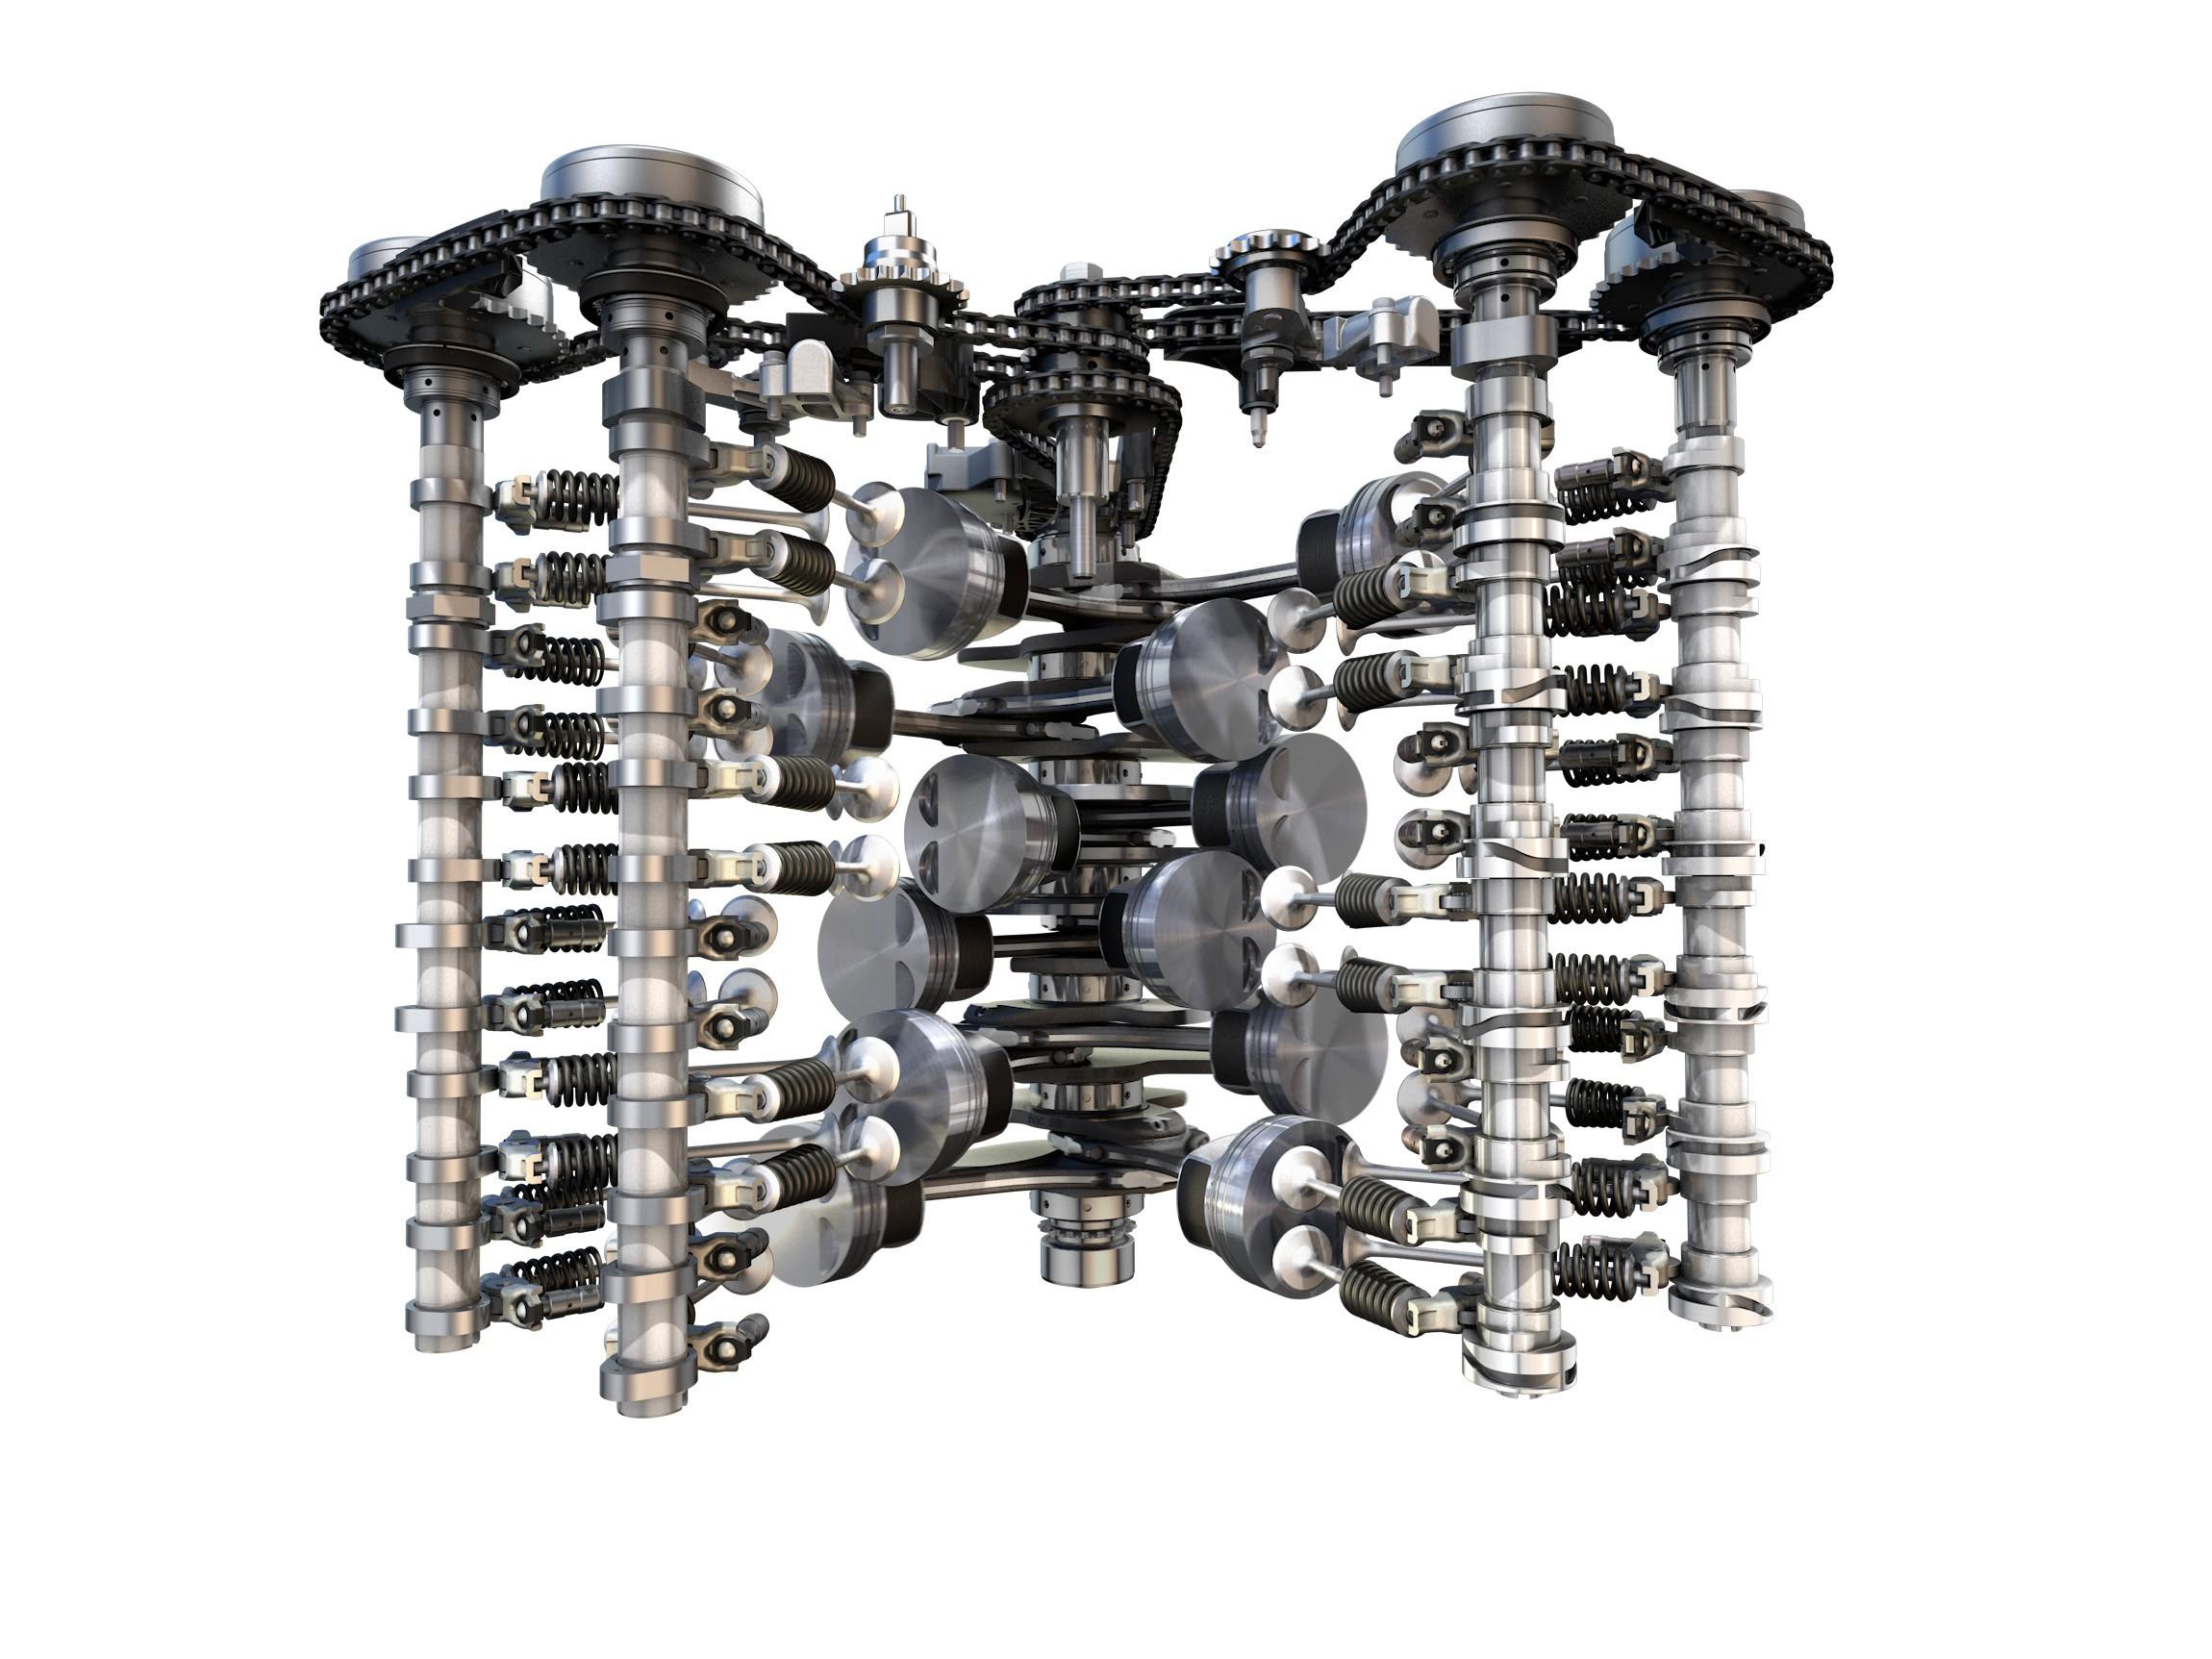 bentley engine schematics volkswagen unveils new 6-liter w12 tsi twin-turbo engine ... oldsmobile engine schematics #13